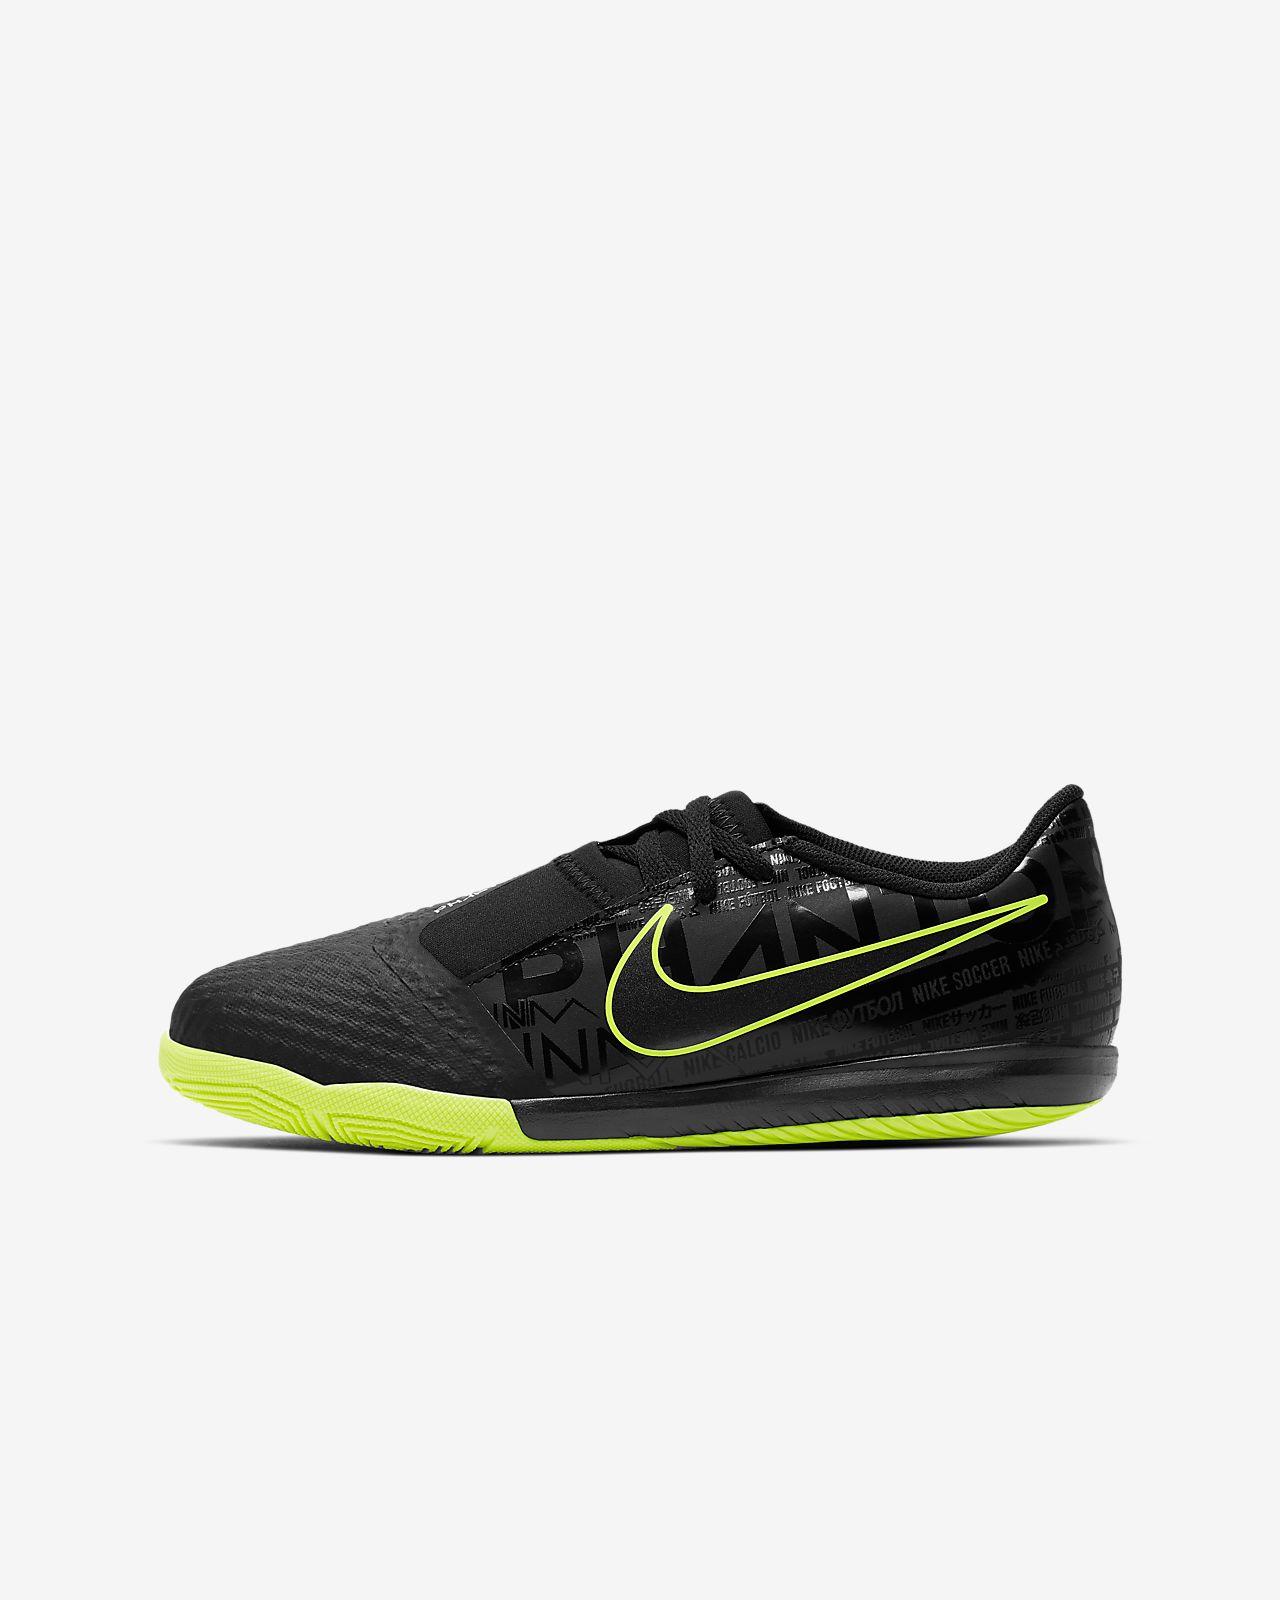 Nike Jr. Phantom Venom Academy IC-fodboldstøvle til store børn til indendørs